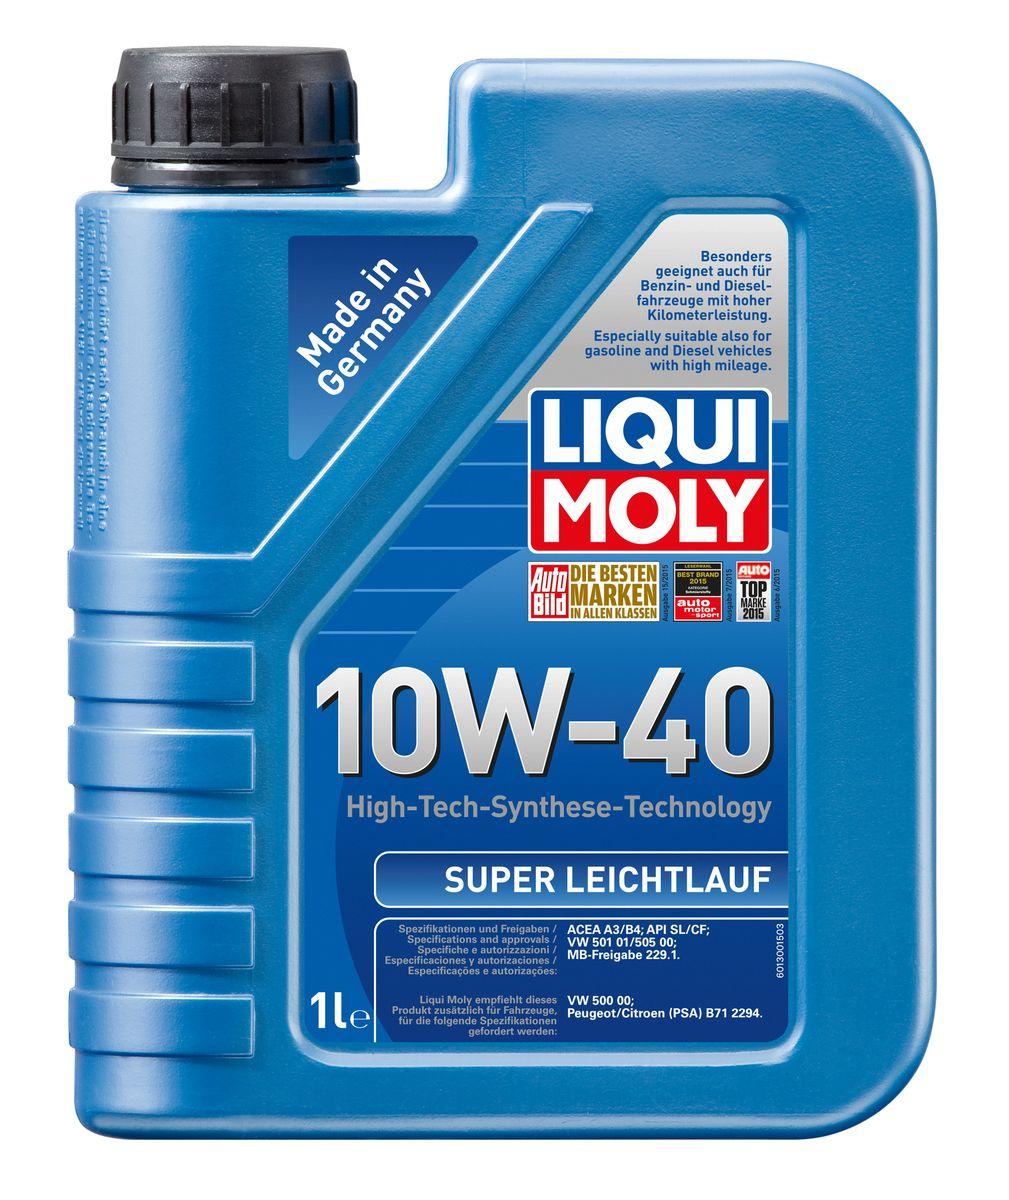 """Масло моторное Liqui Moly """"Super Leichtlauf"""", НС-синтетическое, 10W-40, 1 л 1928"""